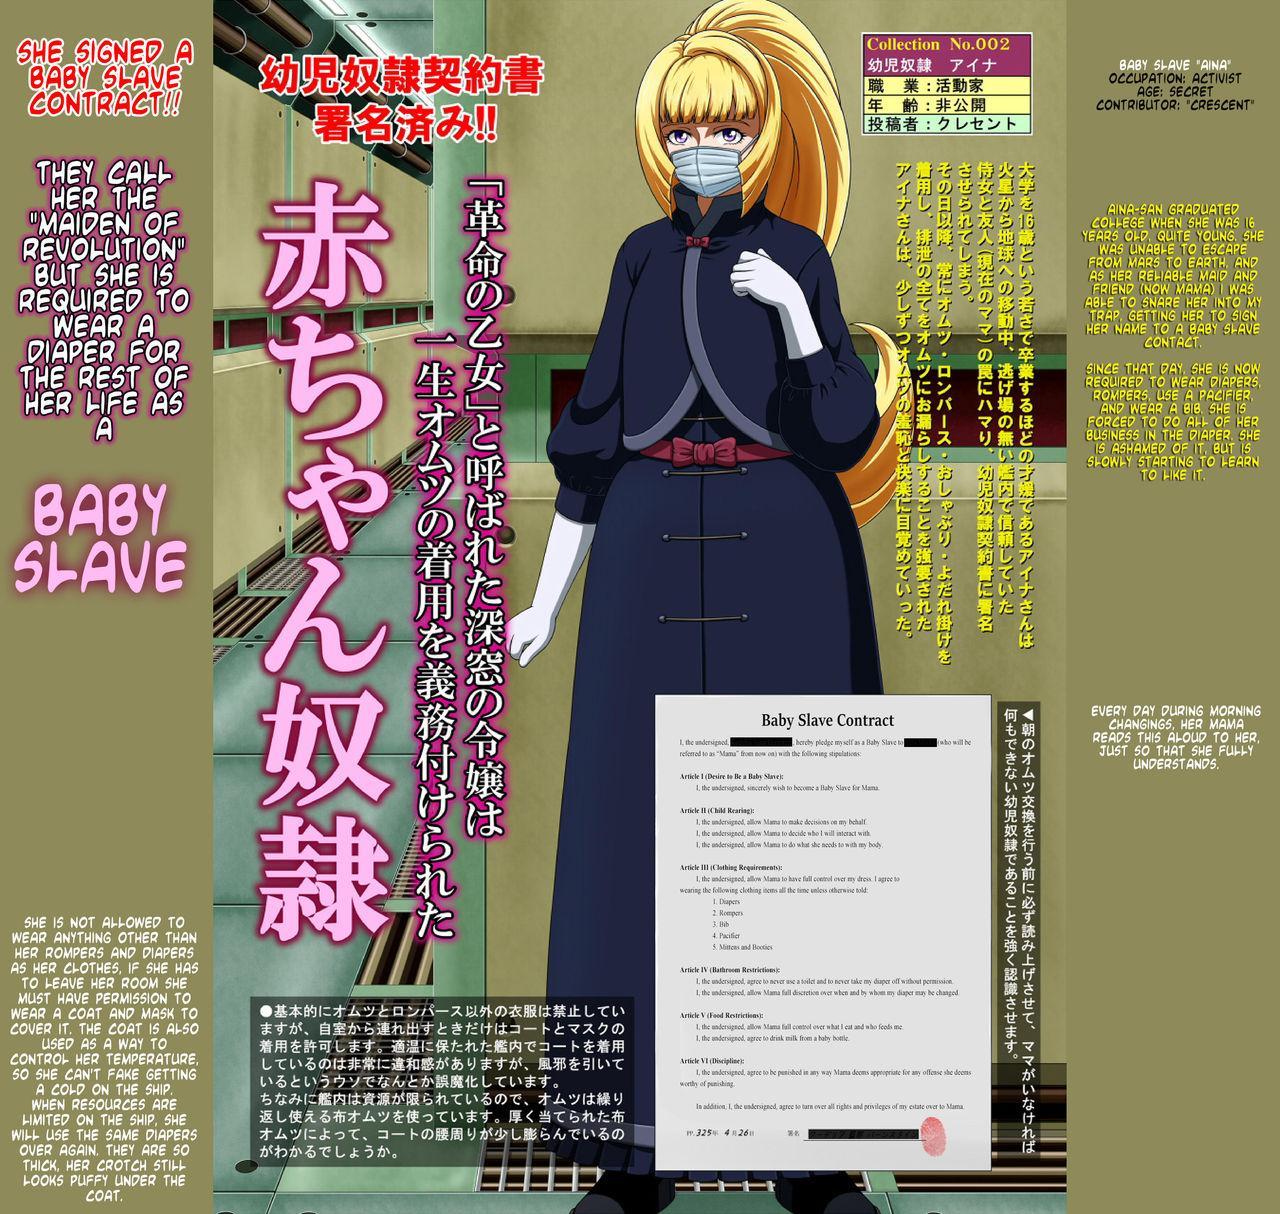 [God Hand Mar] Shirouto Toukou Omutsu Tsuushin Soukan-gou | Amateur Diaper Dispatch - First Issue [English] 4